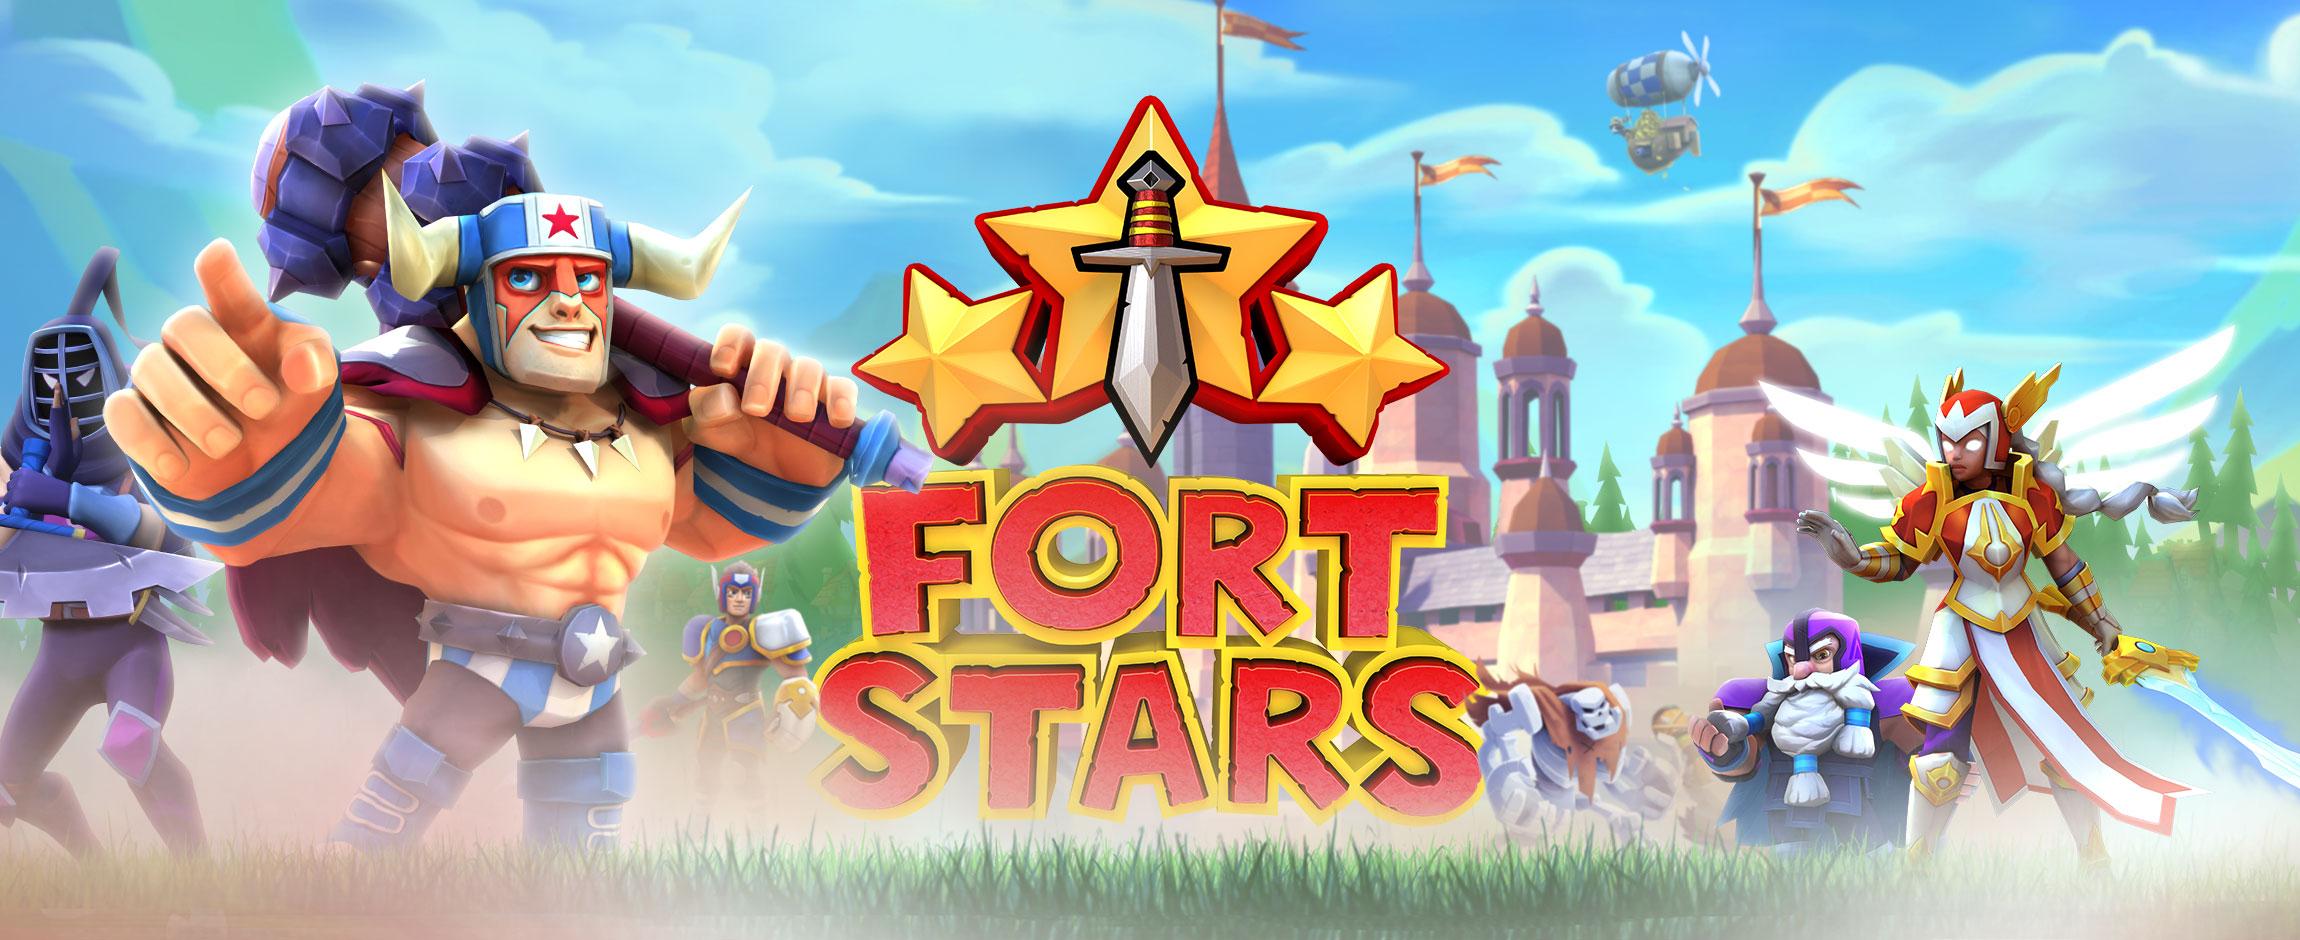 Fort-Stars-Games-Banner.jpg